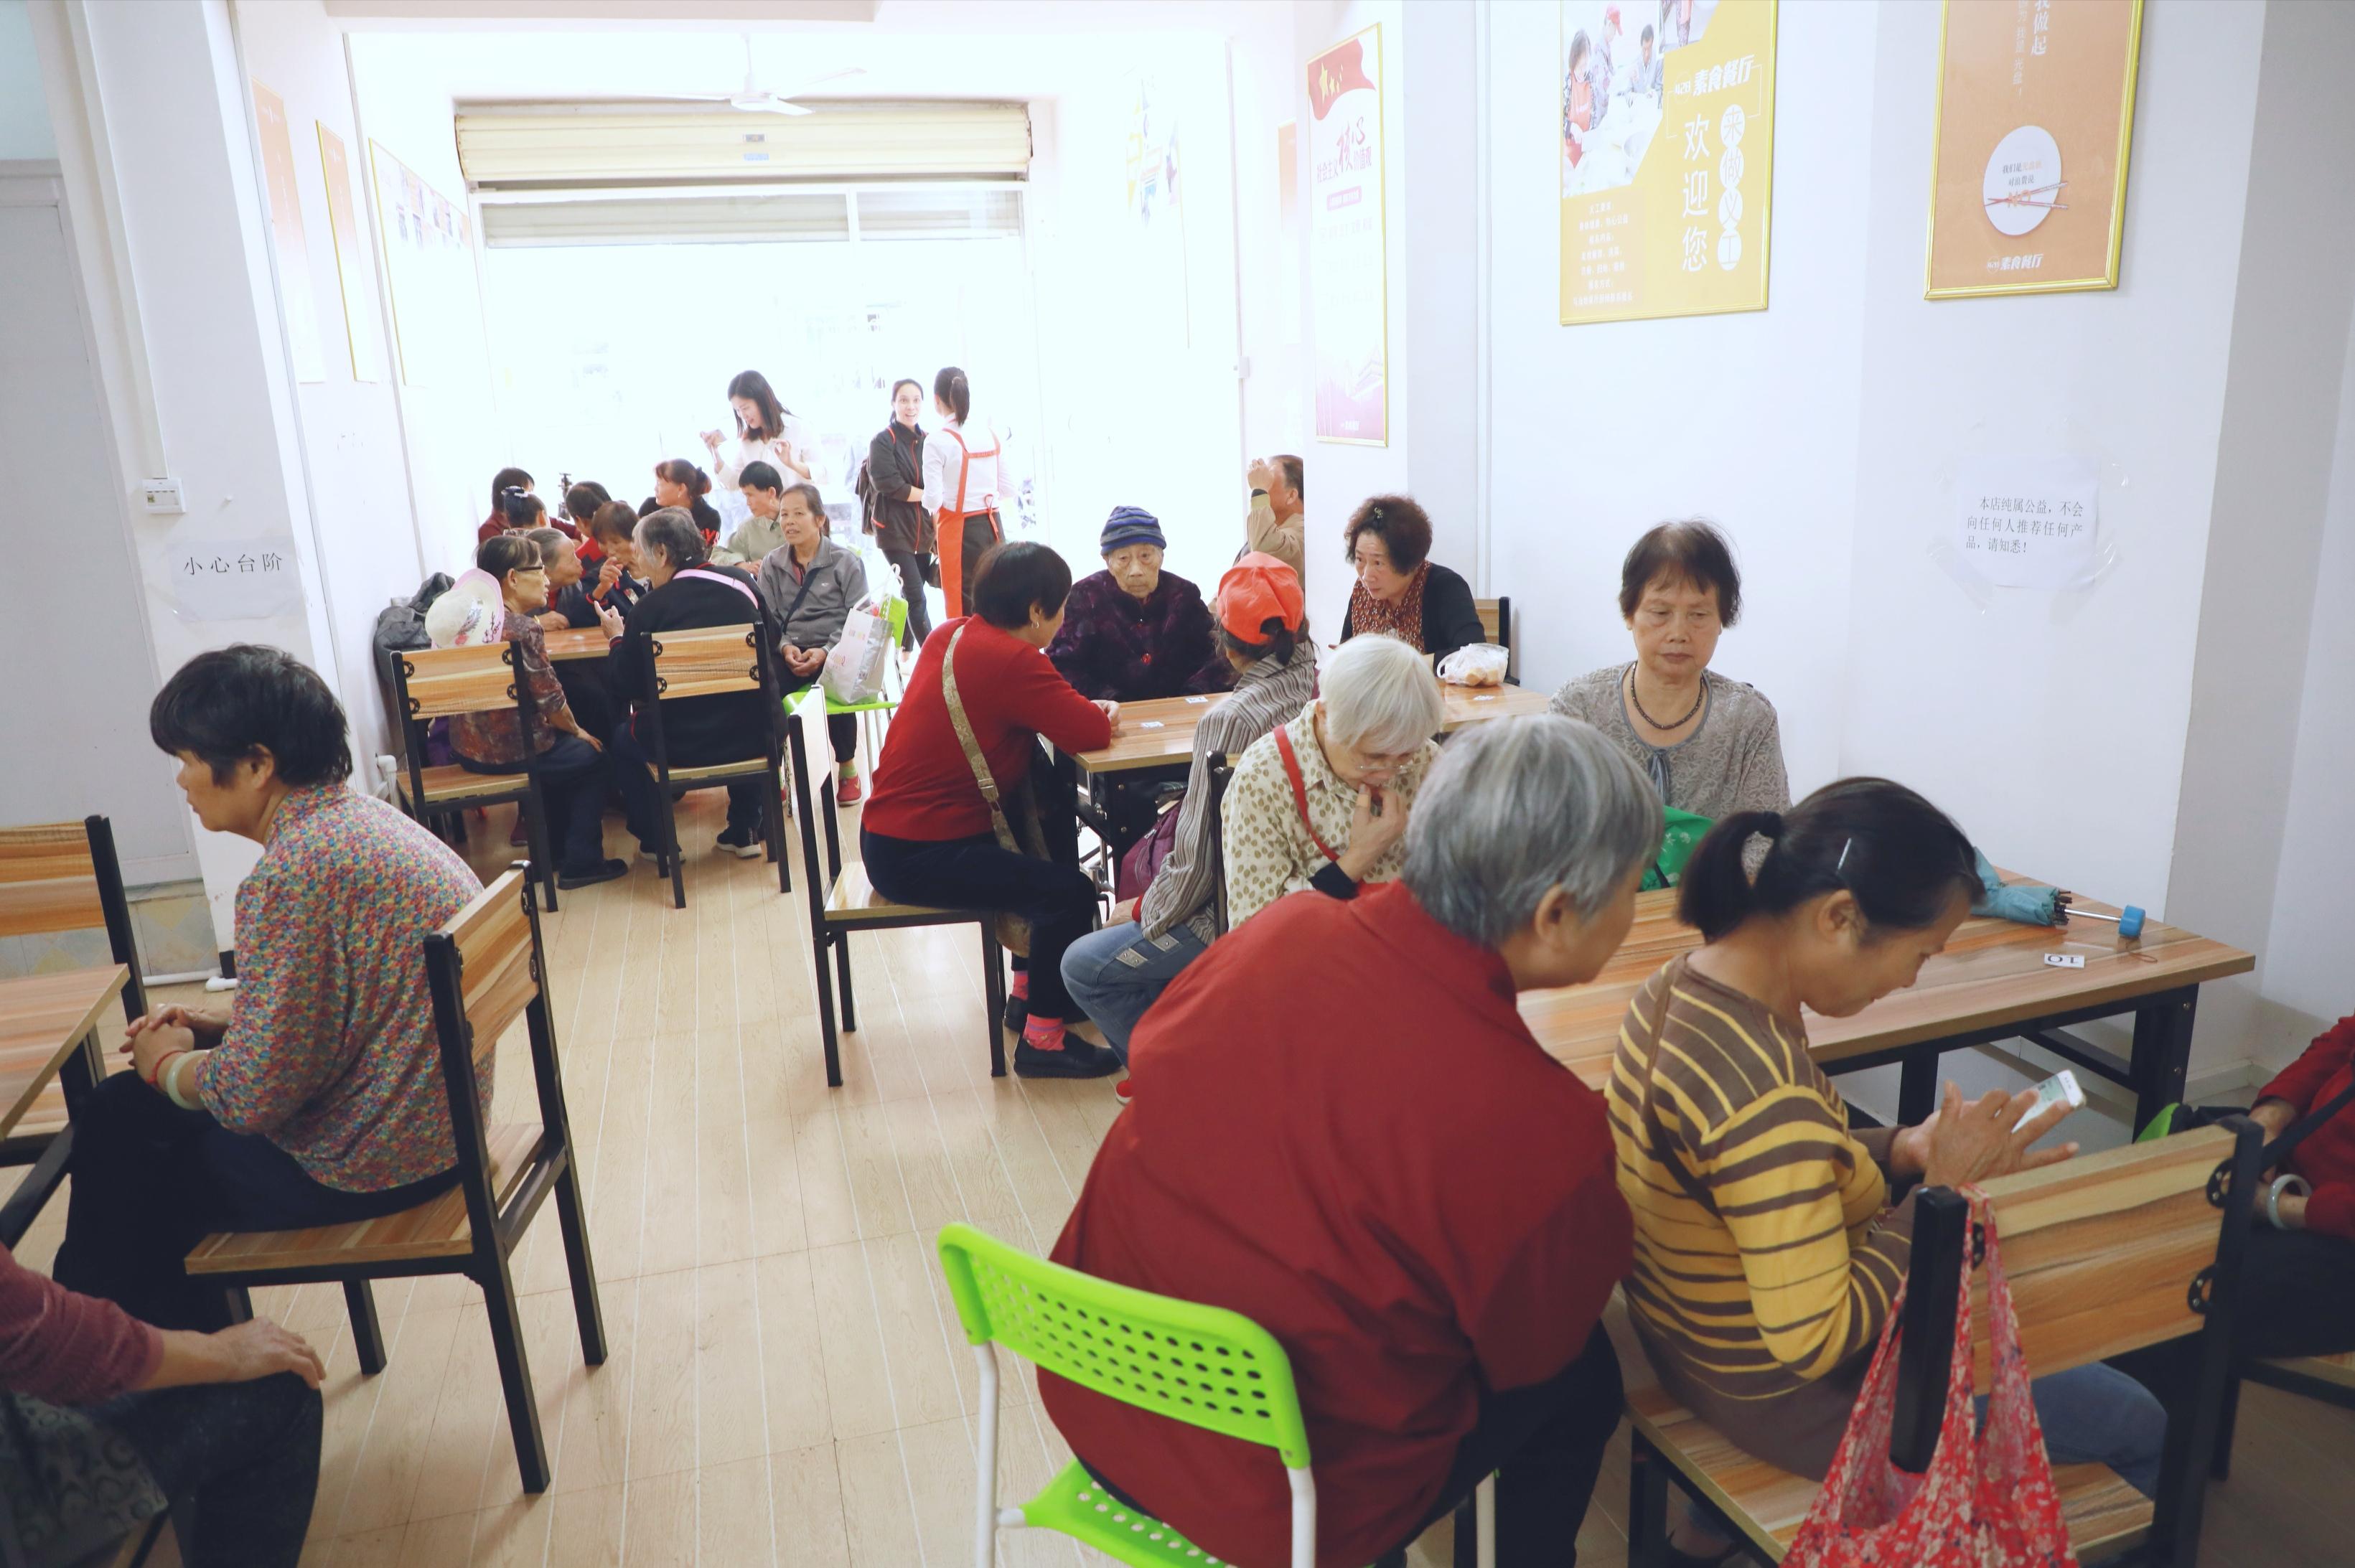 一切为了爱|第十家428免费素食餐厅在百色正式开业